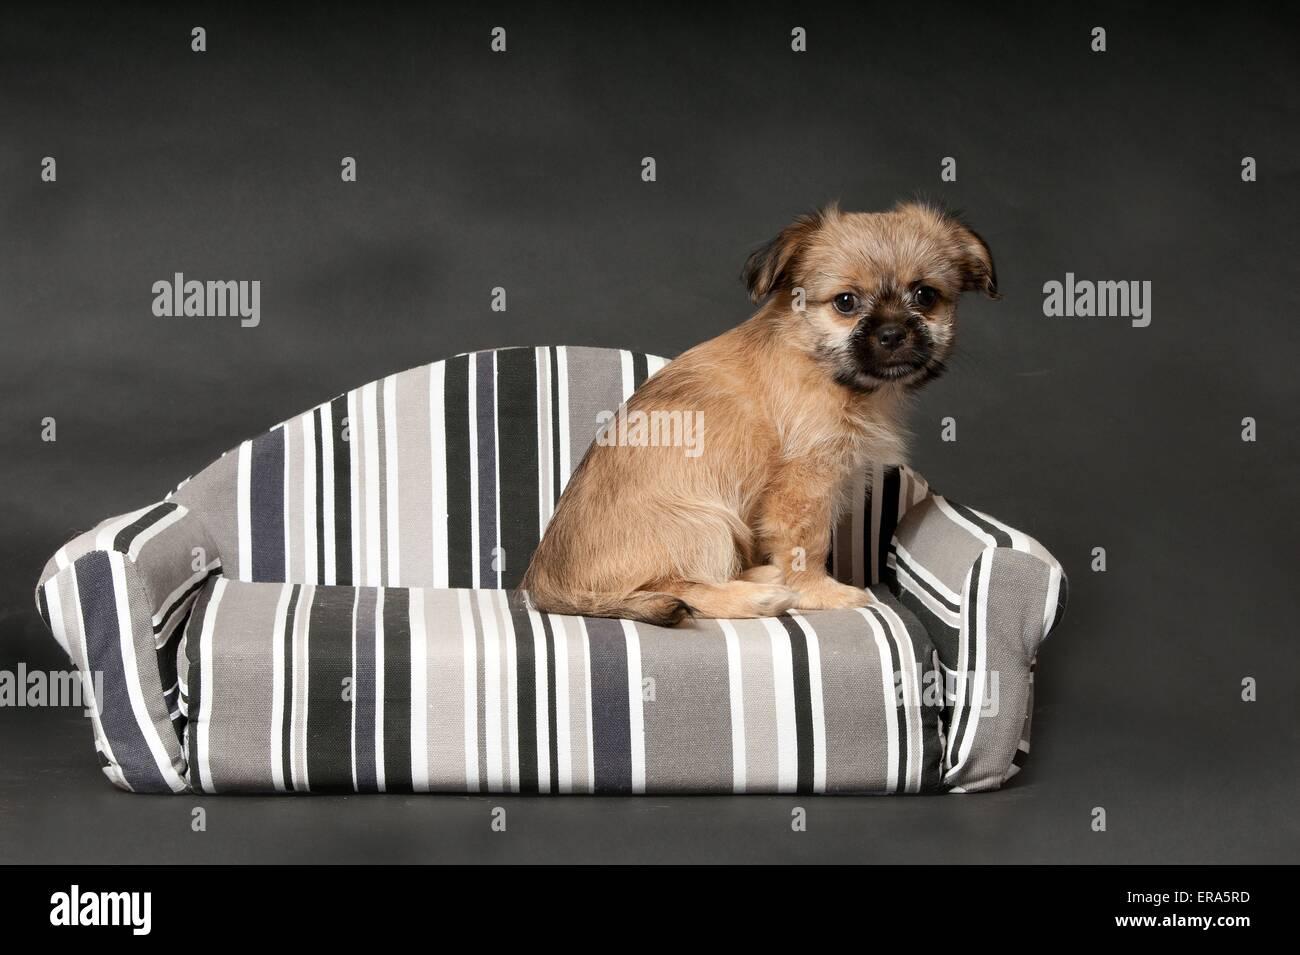 Chihuahua Mongrel Stockfotos & Chihuahua Mongrel Bilder - Alamy